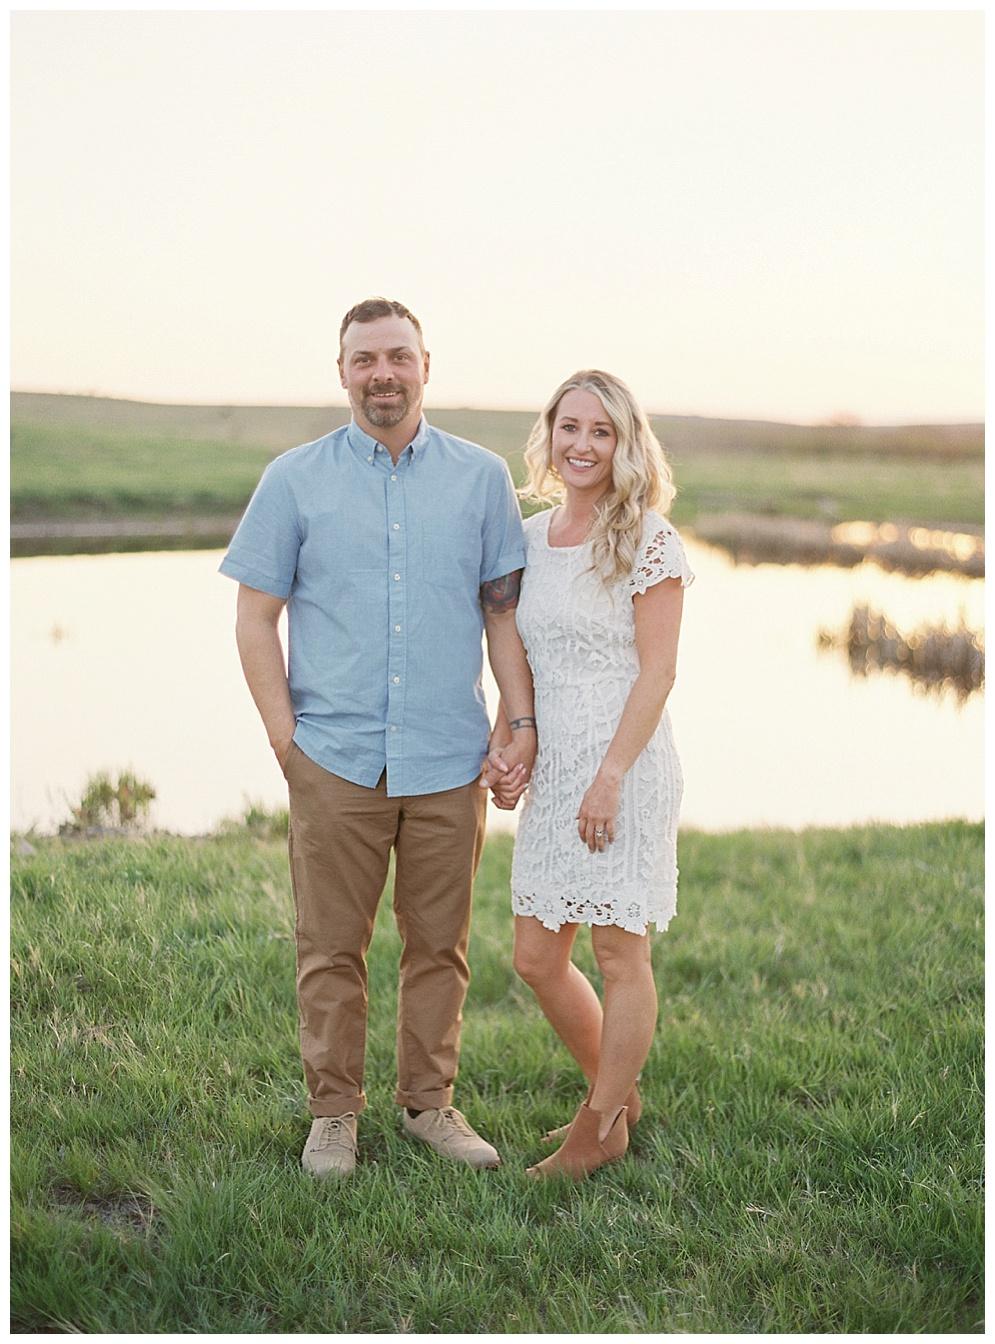 Engagementphotography